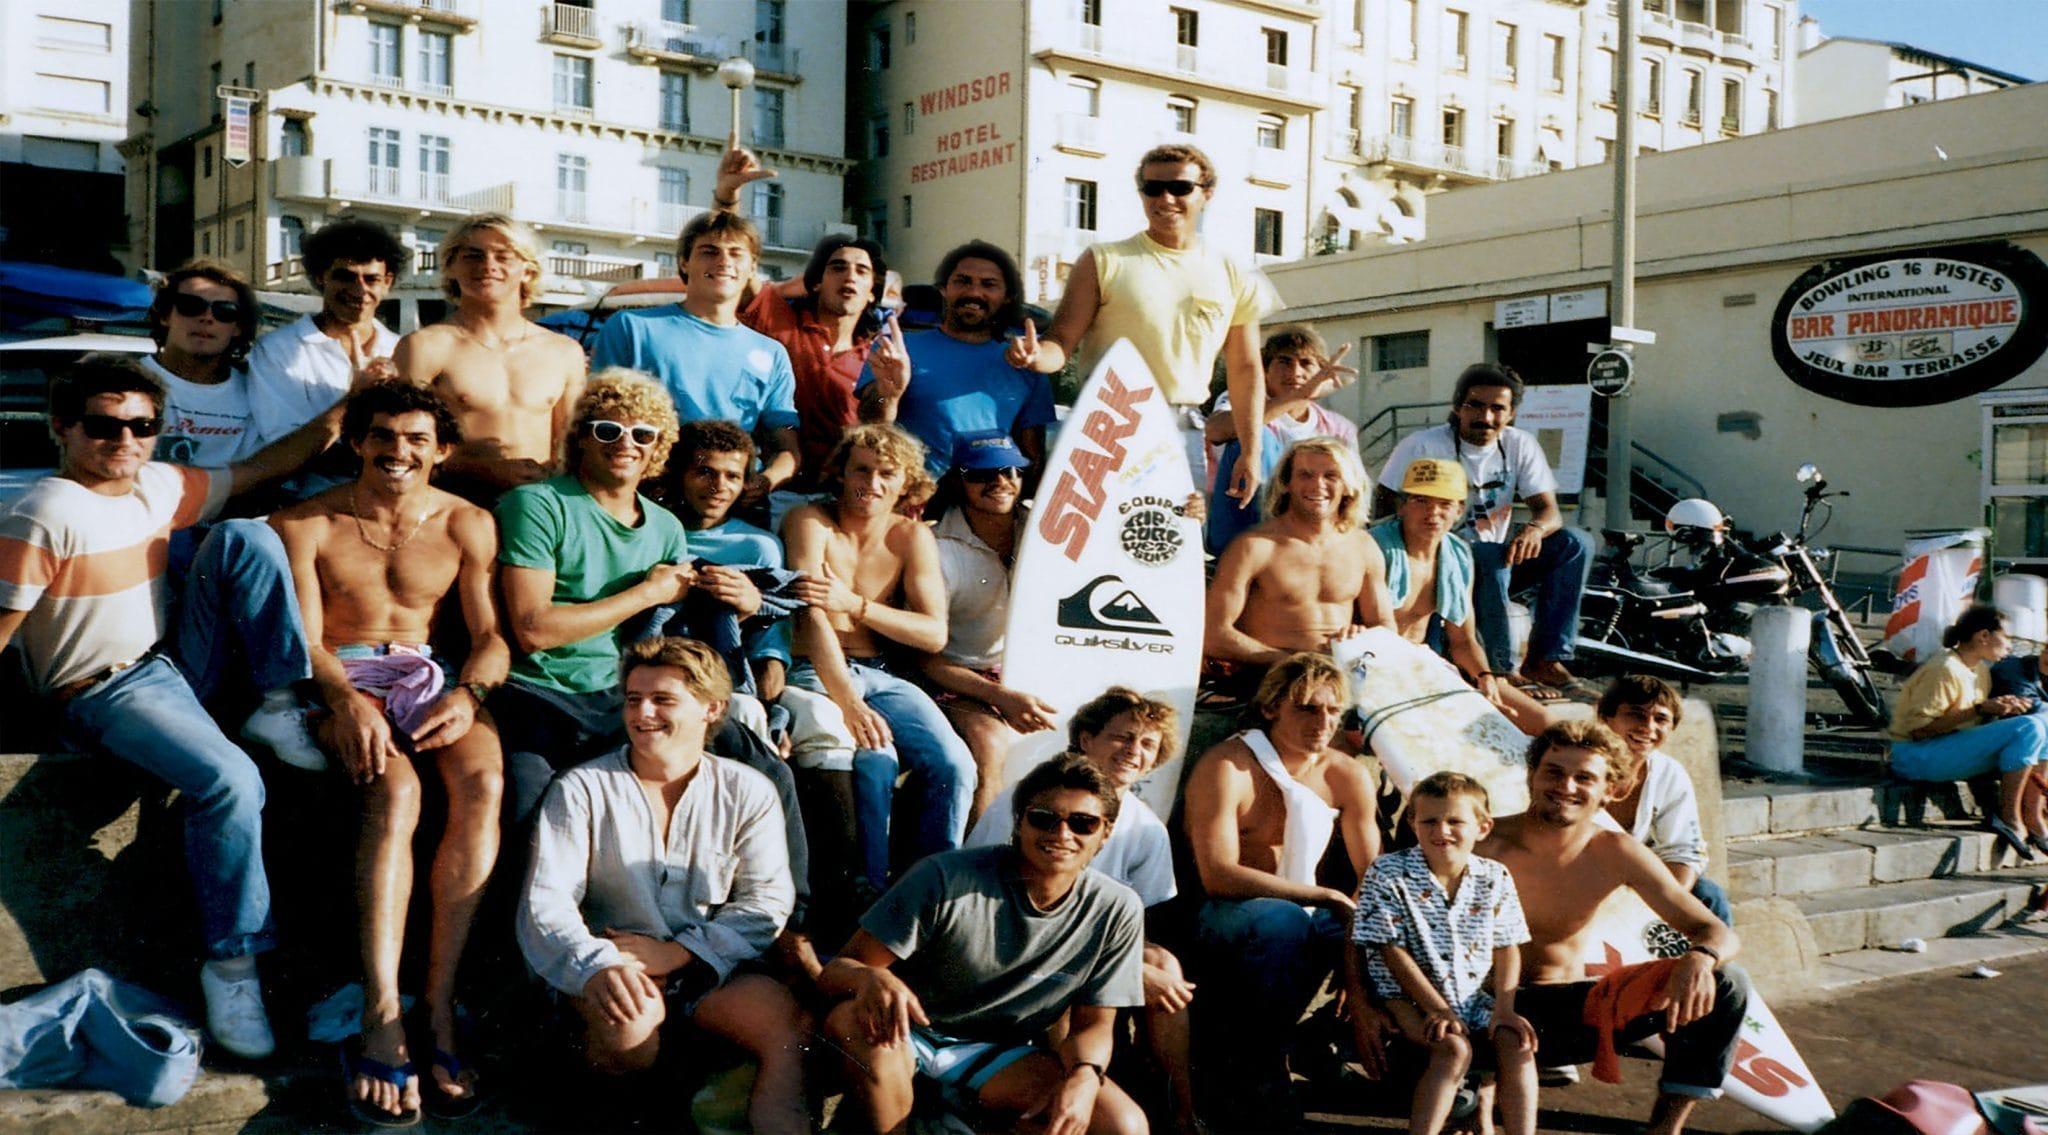 Biarritz Surf Gang image 1